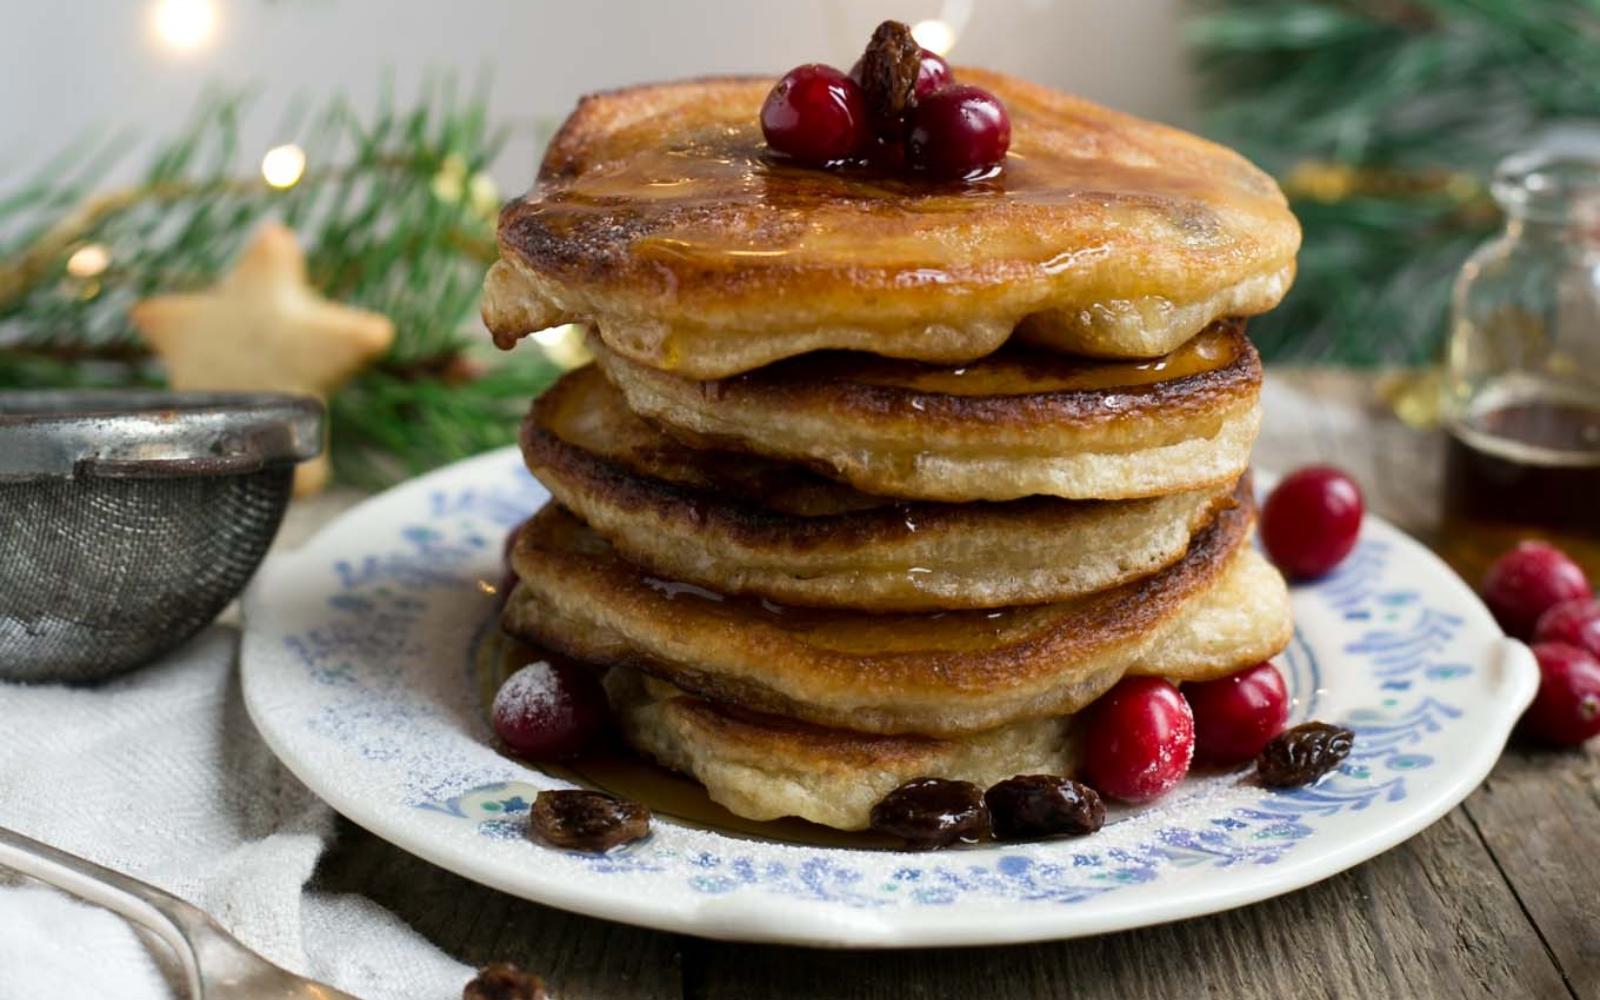 Rum raisin pancakes